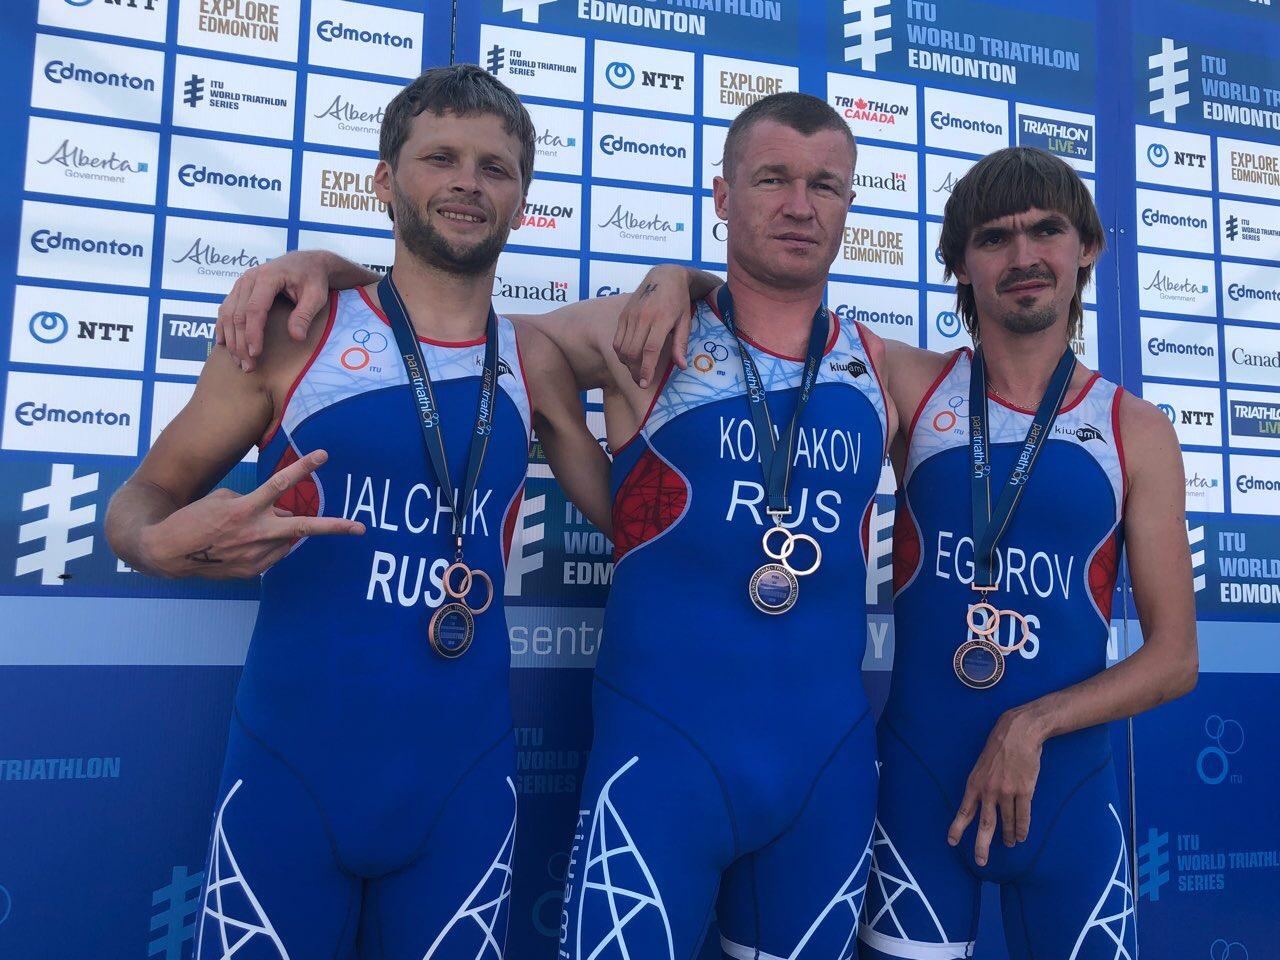 1 серебряную и 2 бронзовые медали завоевали российские паратриатлонисты на этапе мировой серии Edmonton ITU World Paratriathlon Series в Канаде